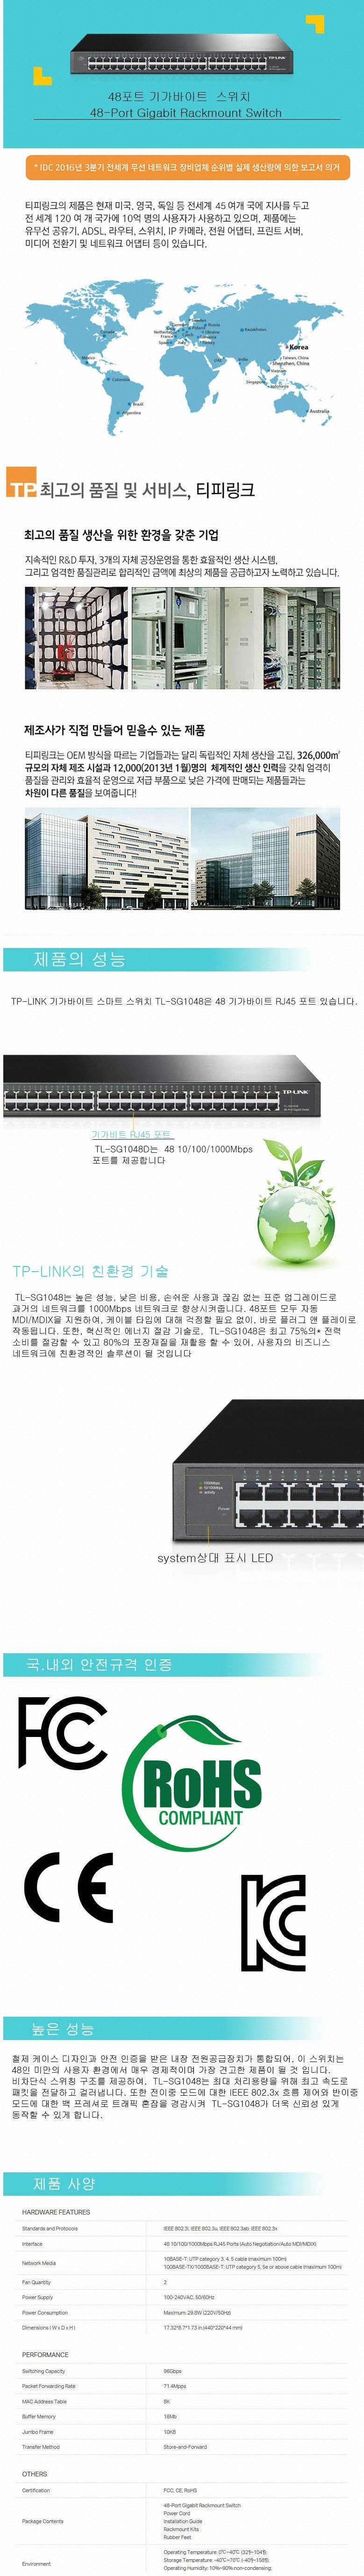 TL-SG1048_DB.jpg